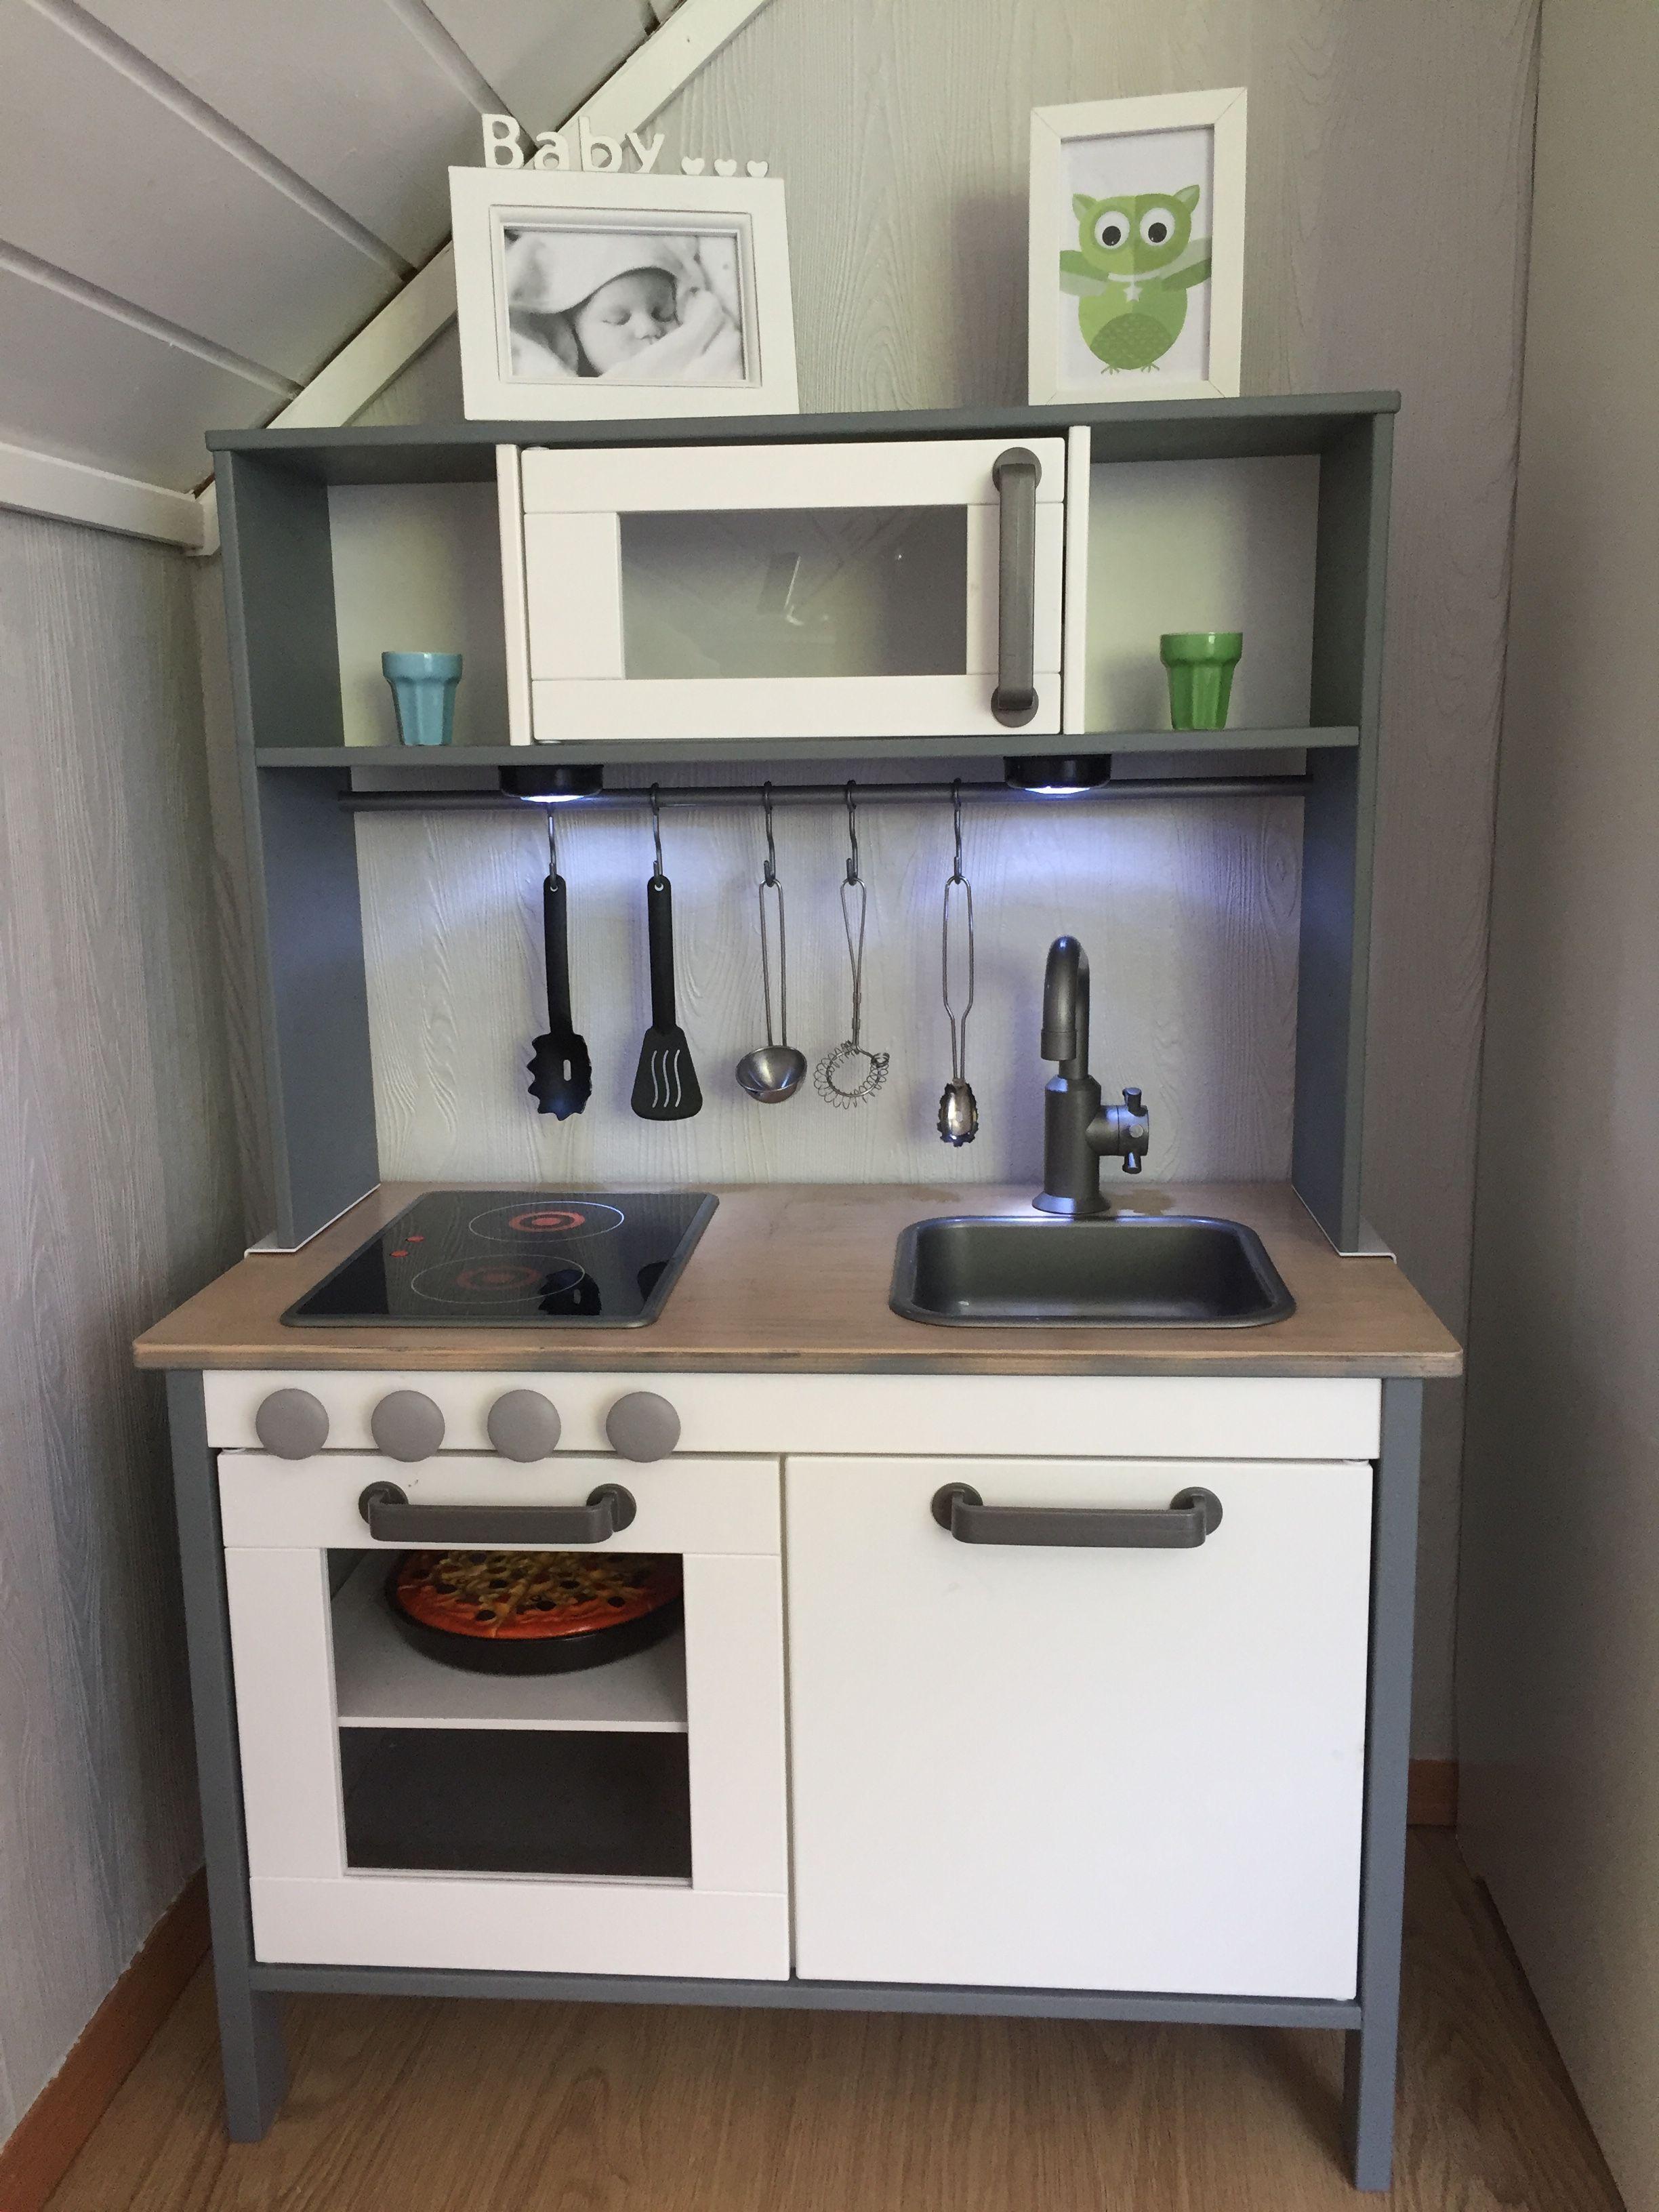 IKEA Duktig hack kids kitchen spraypainted grey  K I D S